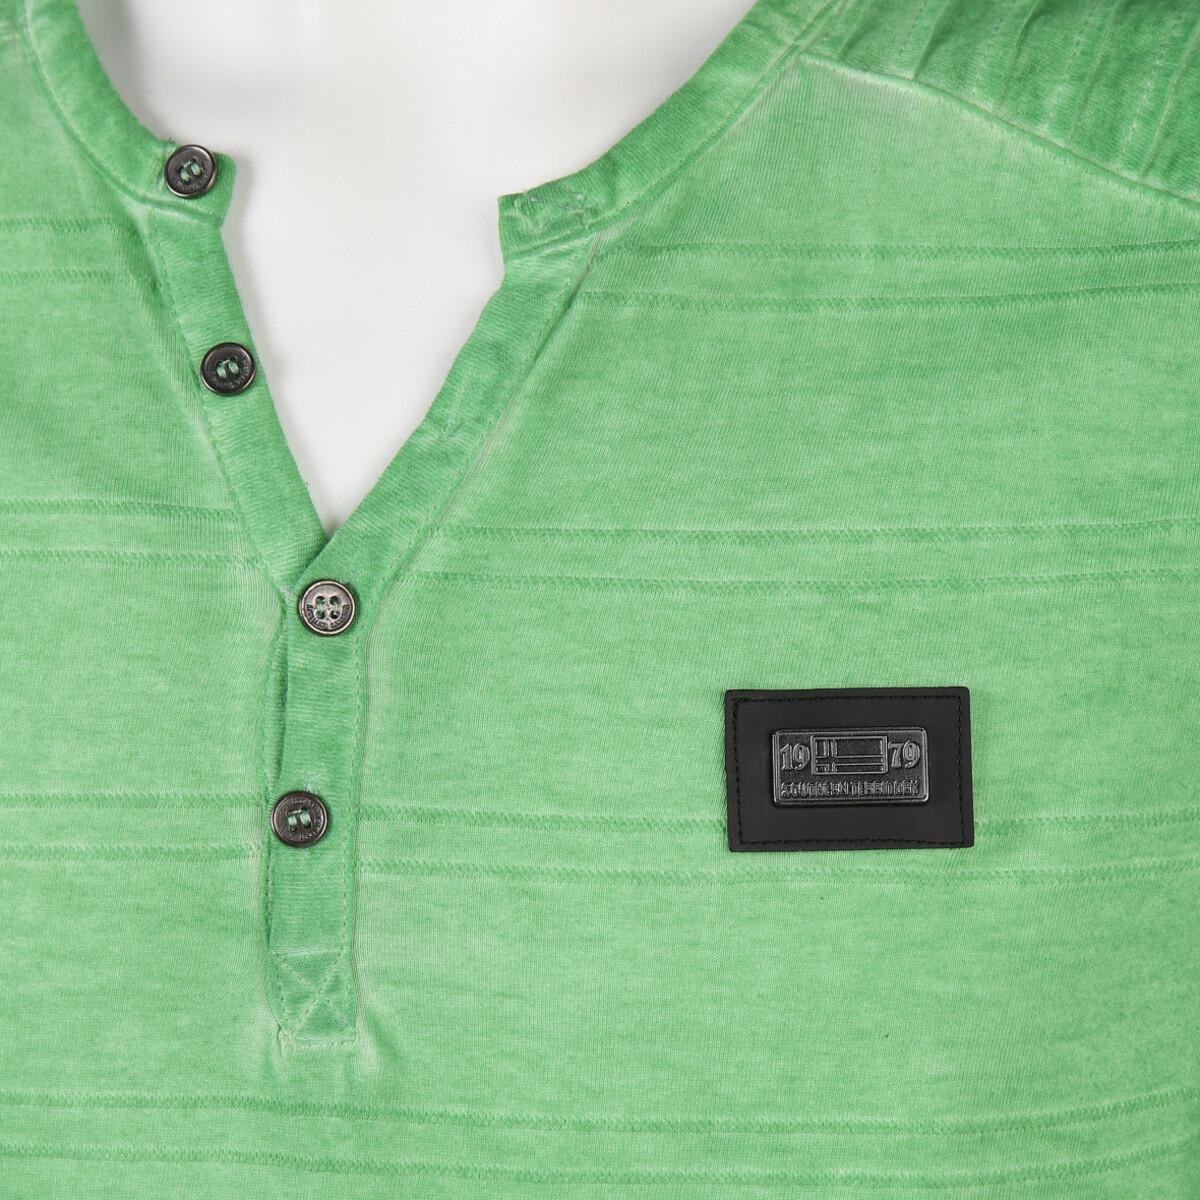 Bild 3 von Herren T-Shirt mit Knopfleiste